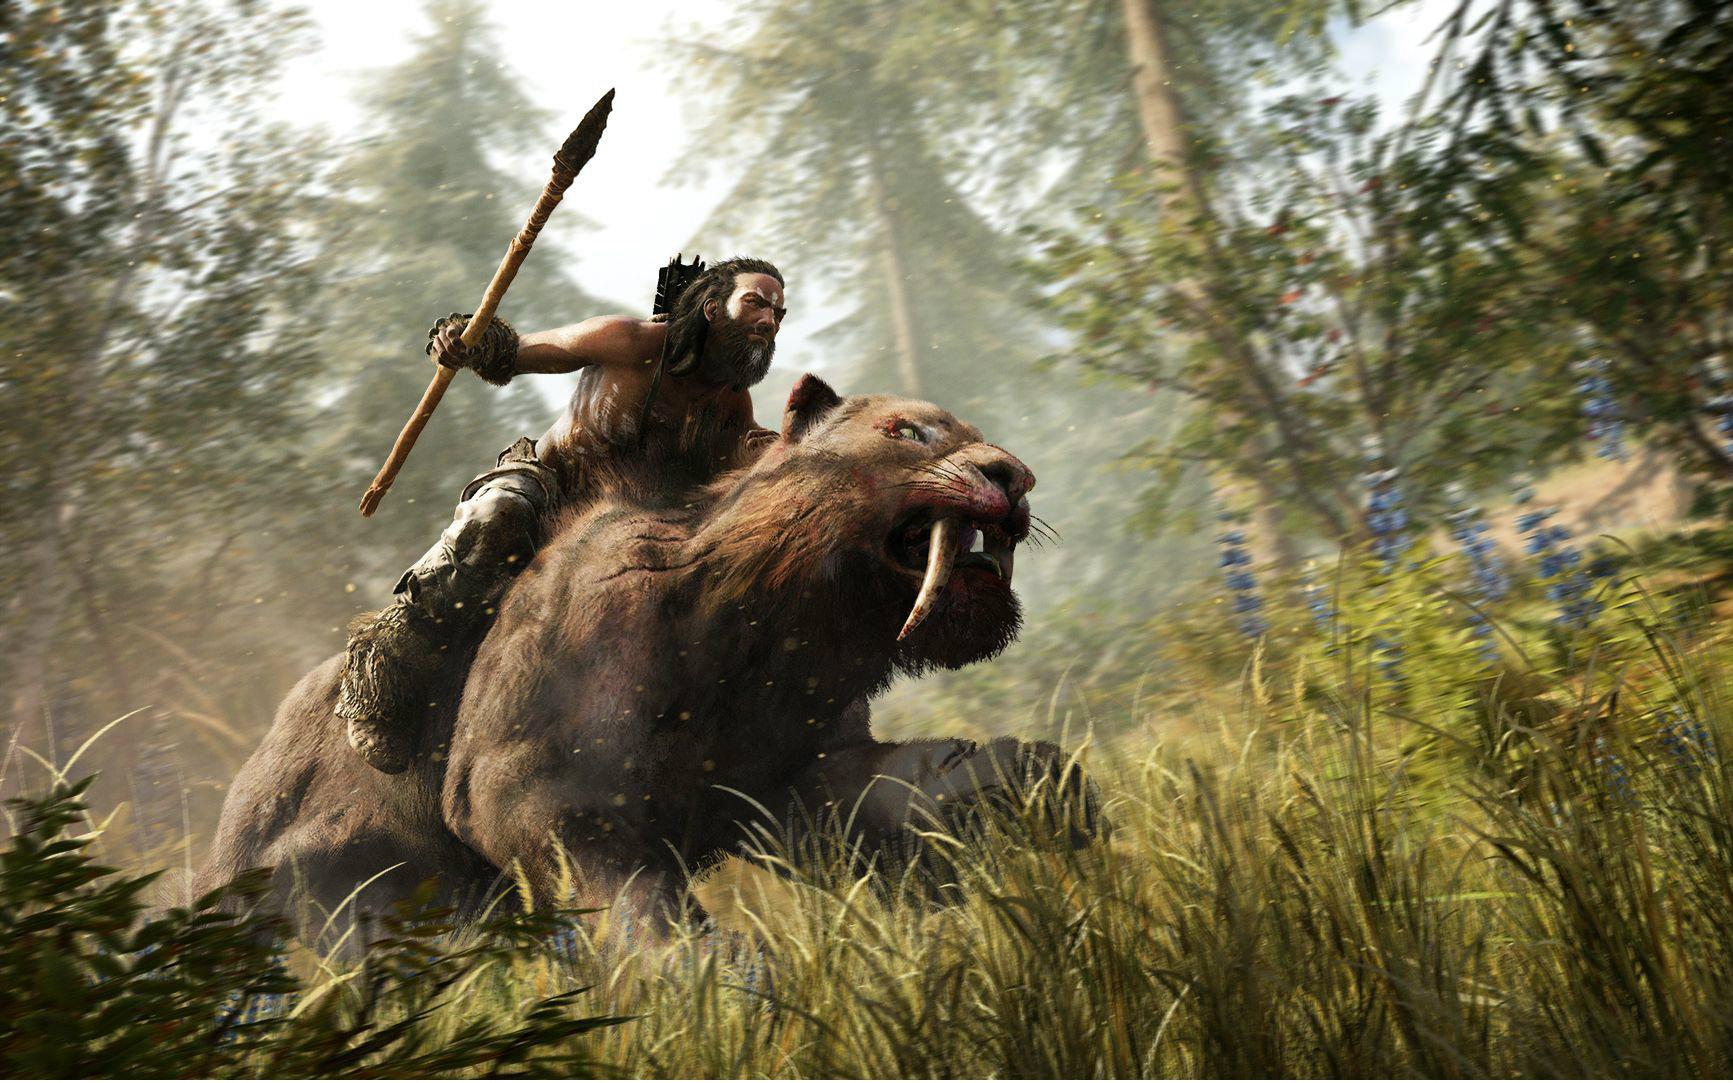 荒野求生:原始时代如何猎杀动物